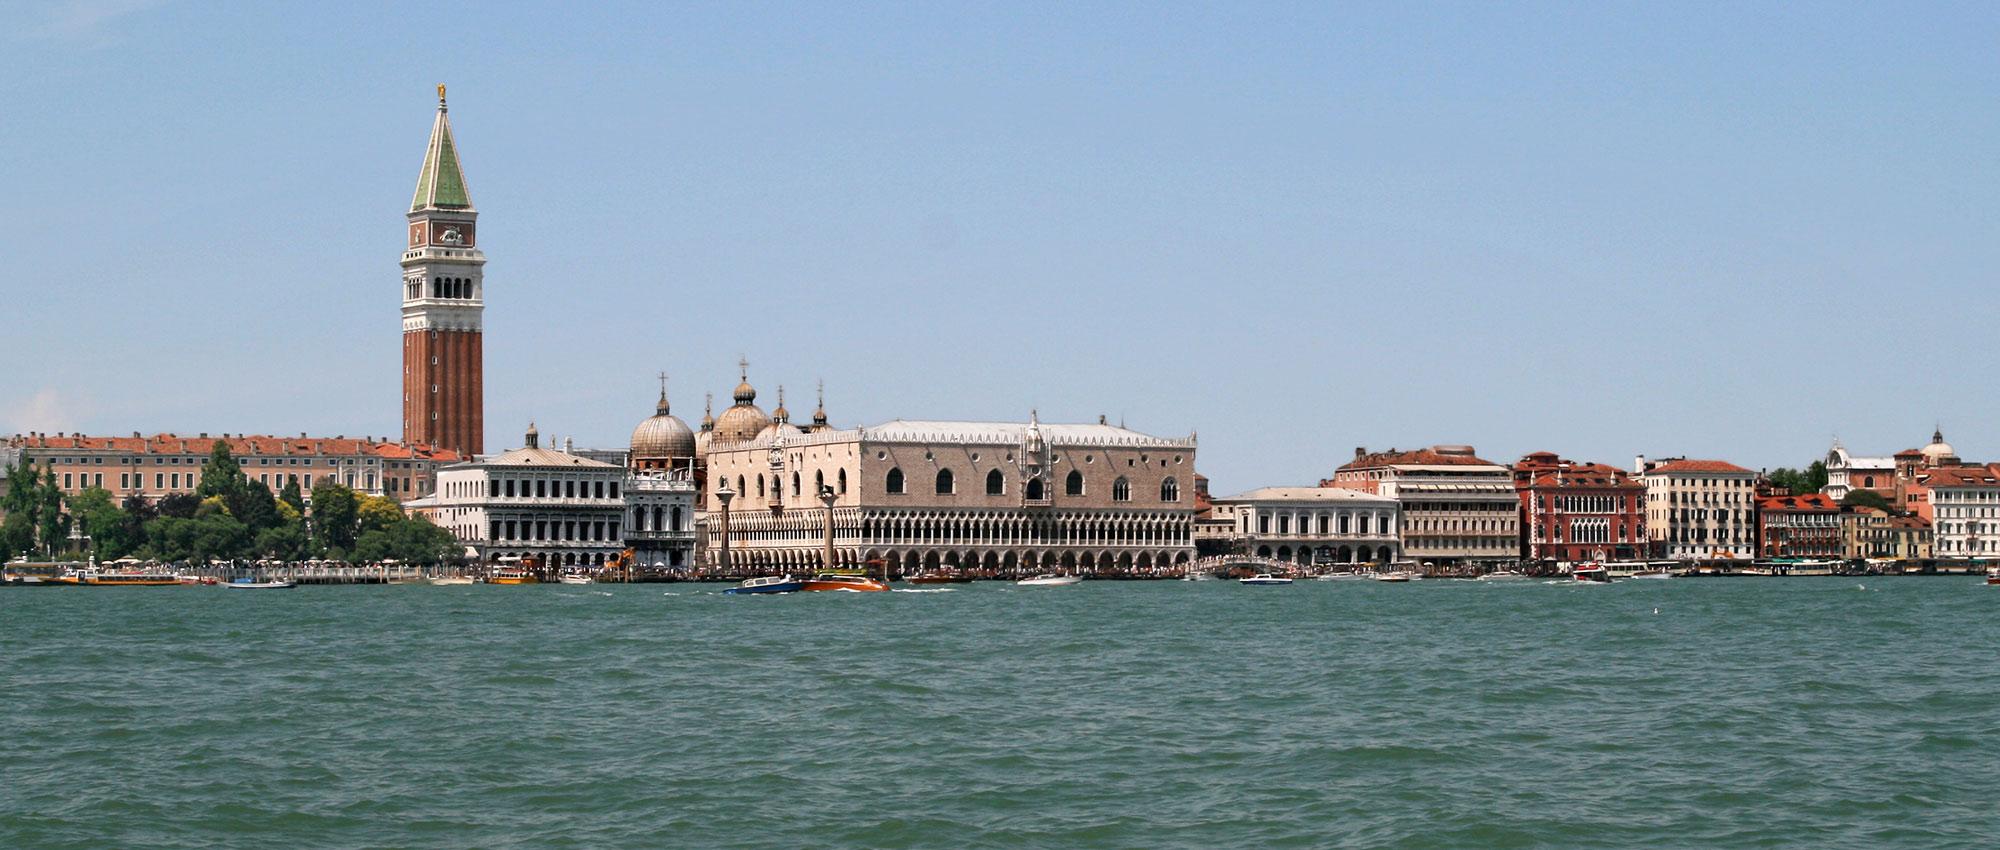 Biennale Venedig, la Biennale di Venezia